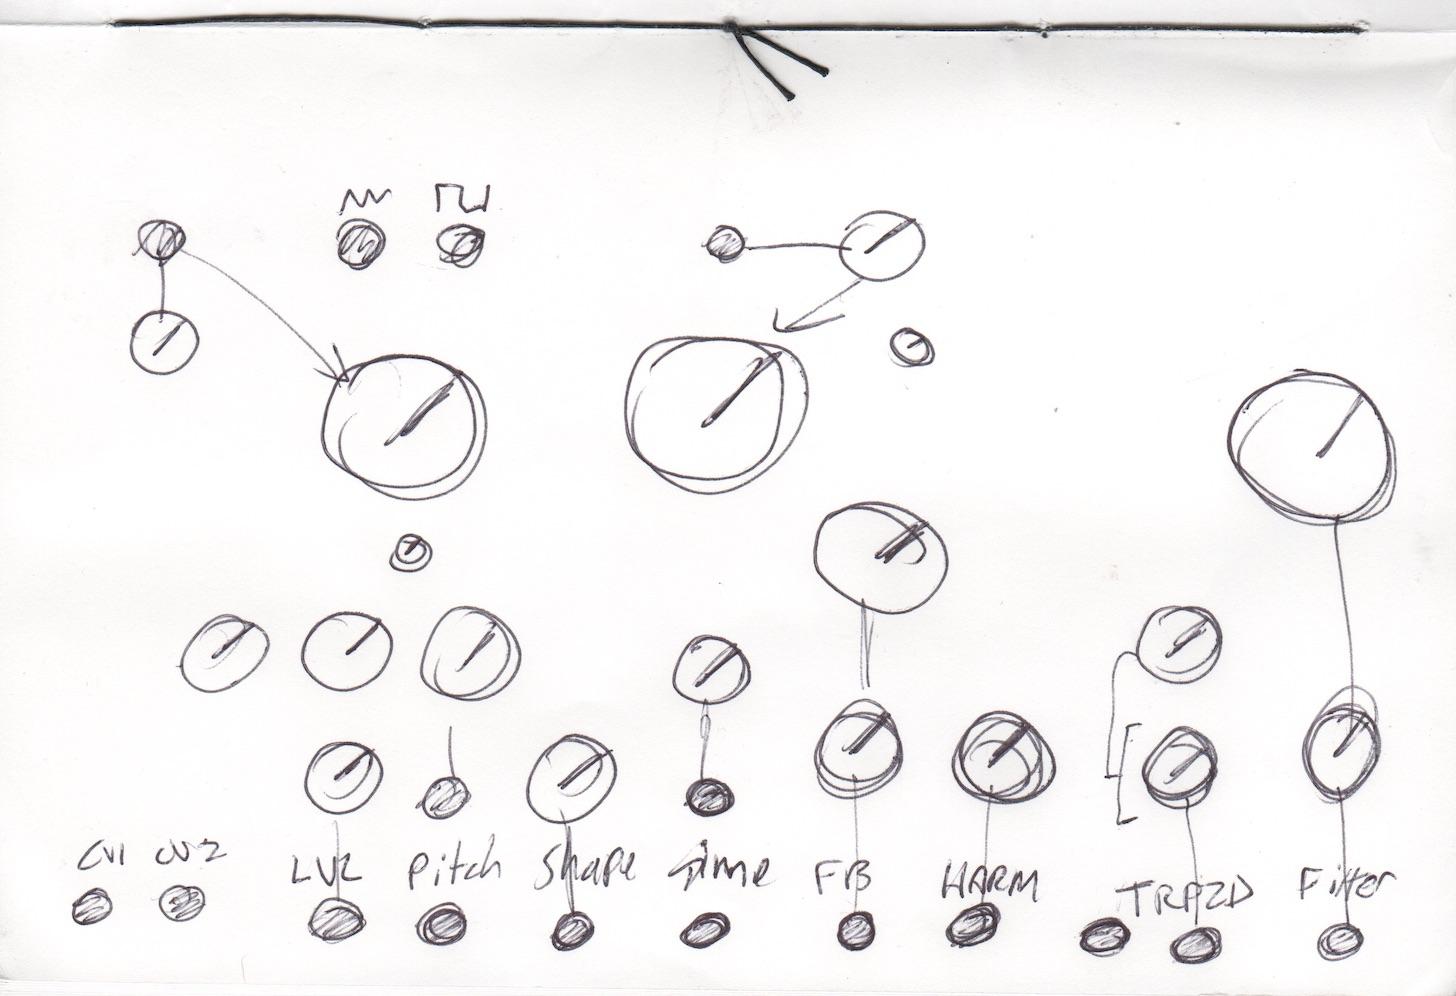 Make Noise // Strega // Tony Rolando // Initial Sketch